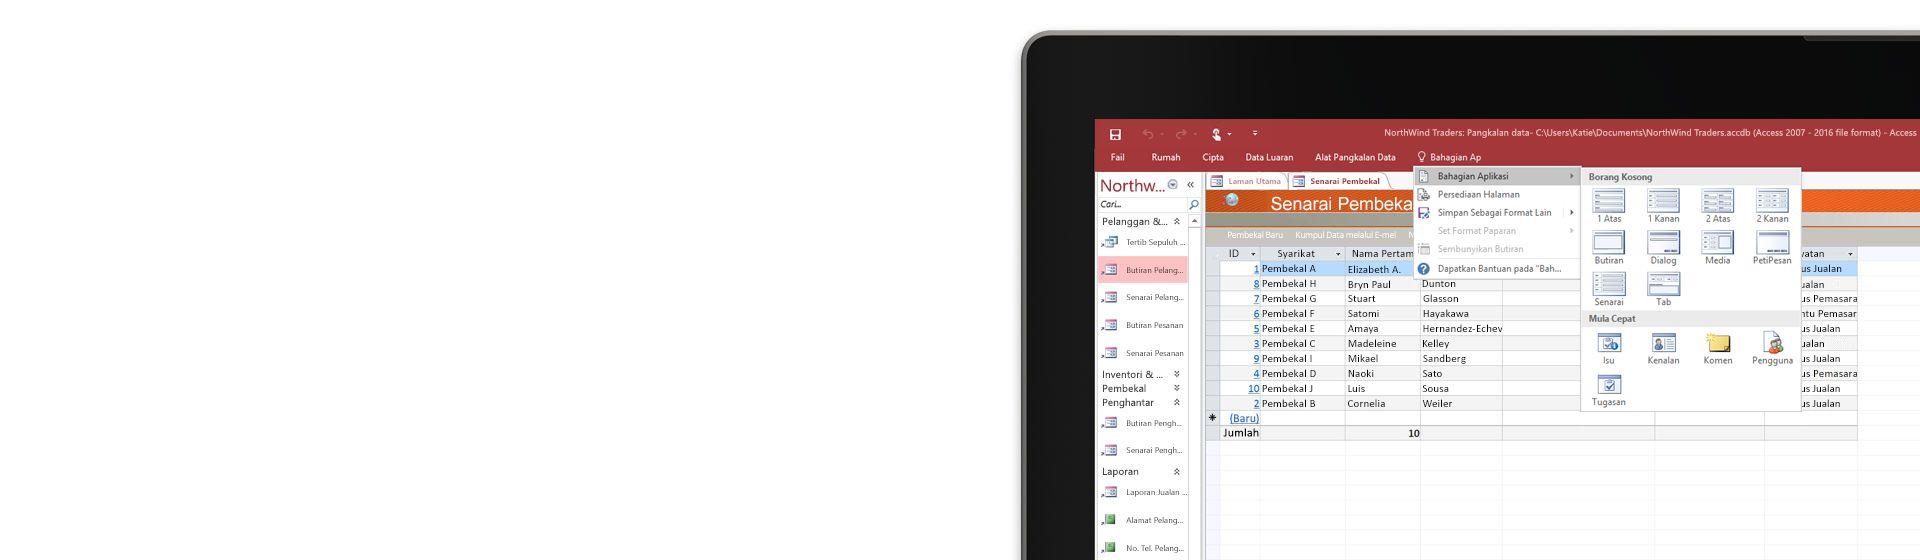 Sudut skrin komputer memaparkan senarai pembekal dalam pangkalan data di Microsoft Access.